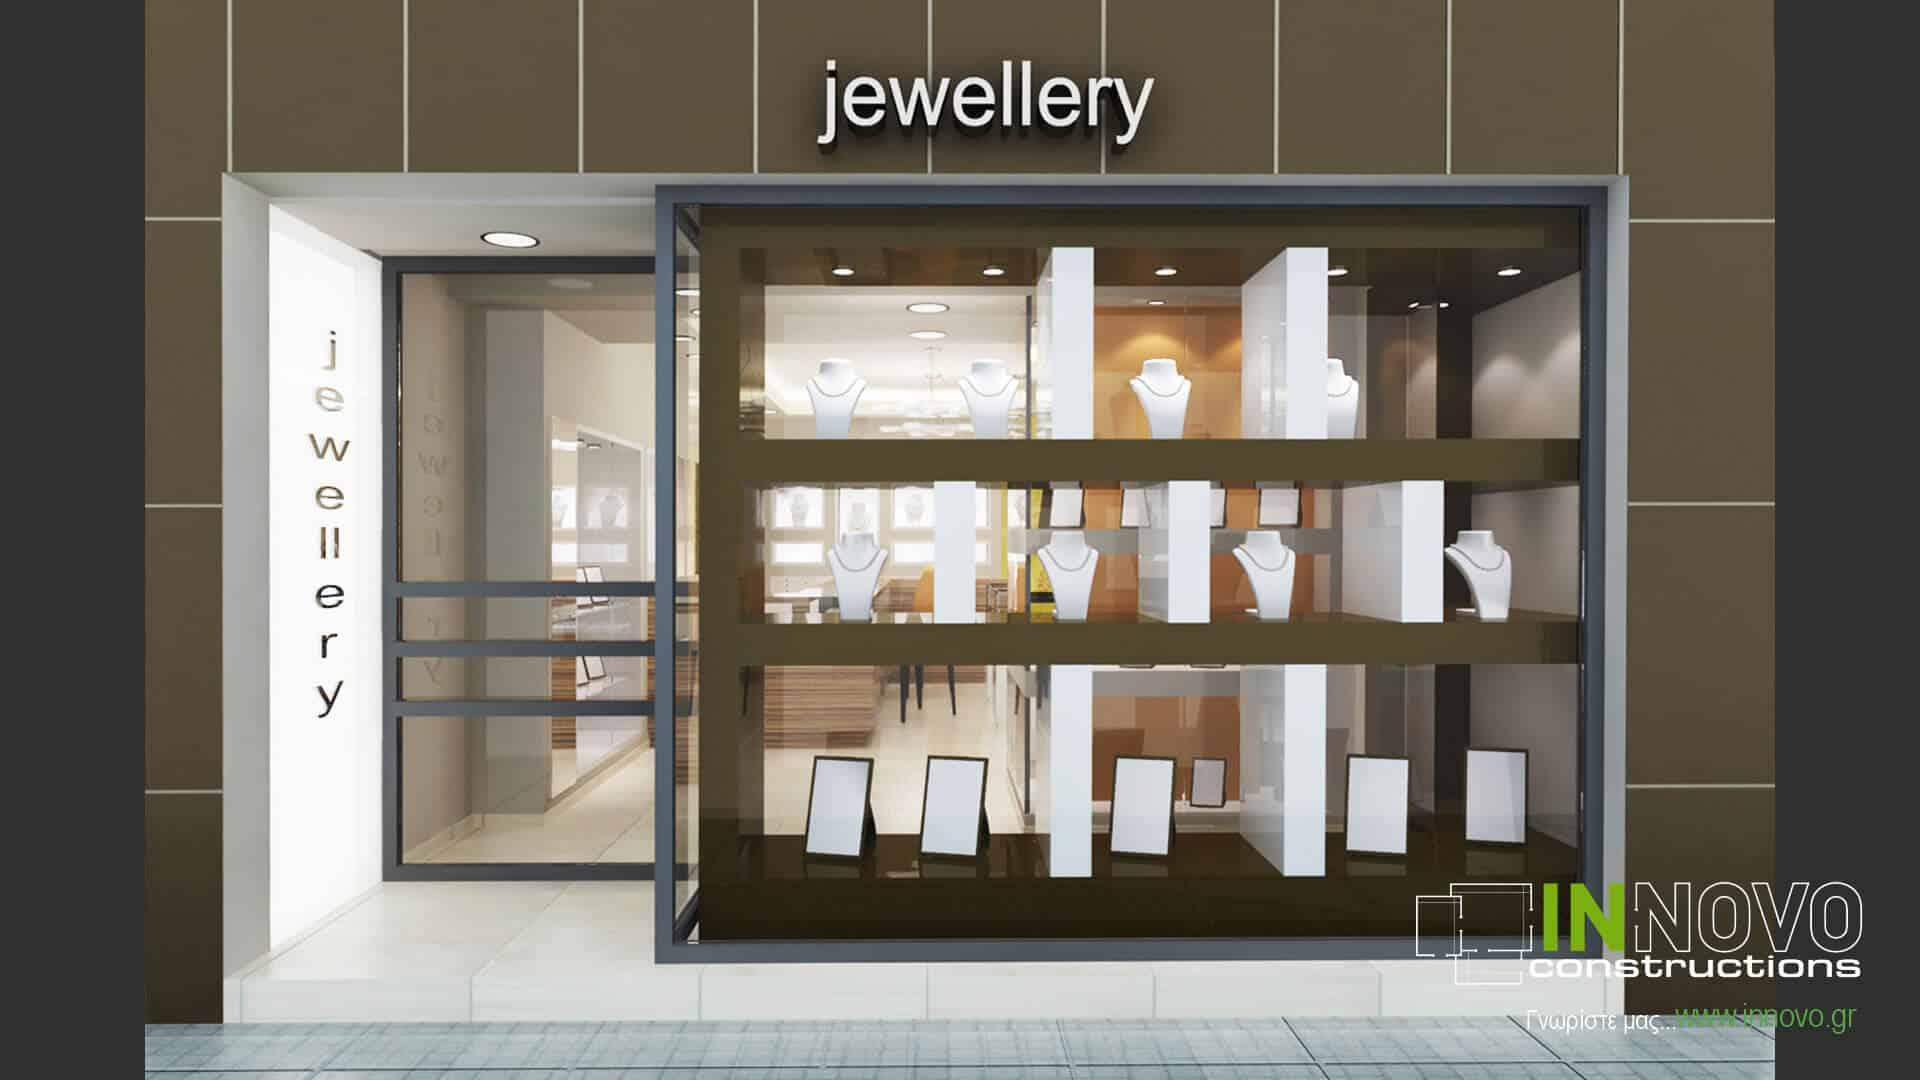 anakainisi-kosmimatopoleiou-jewelry-renovation-kosmimatopoleio-lavrio-1074-7